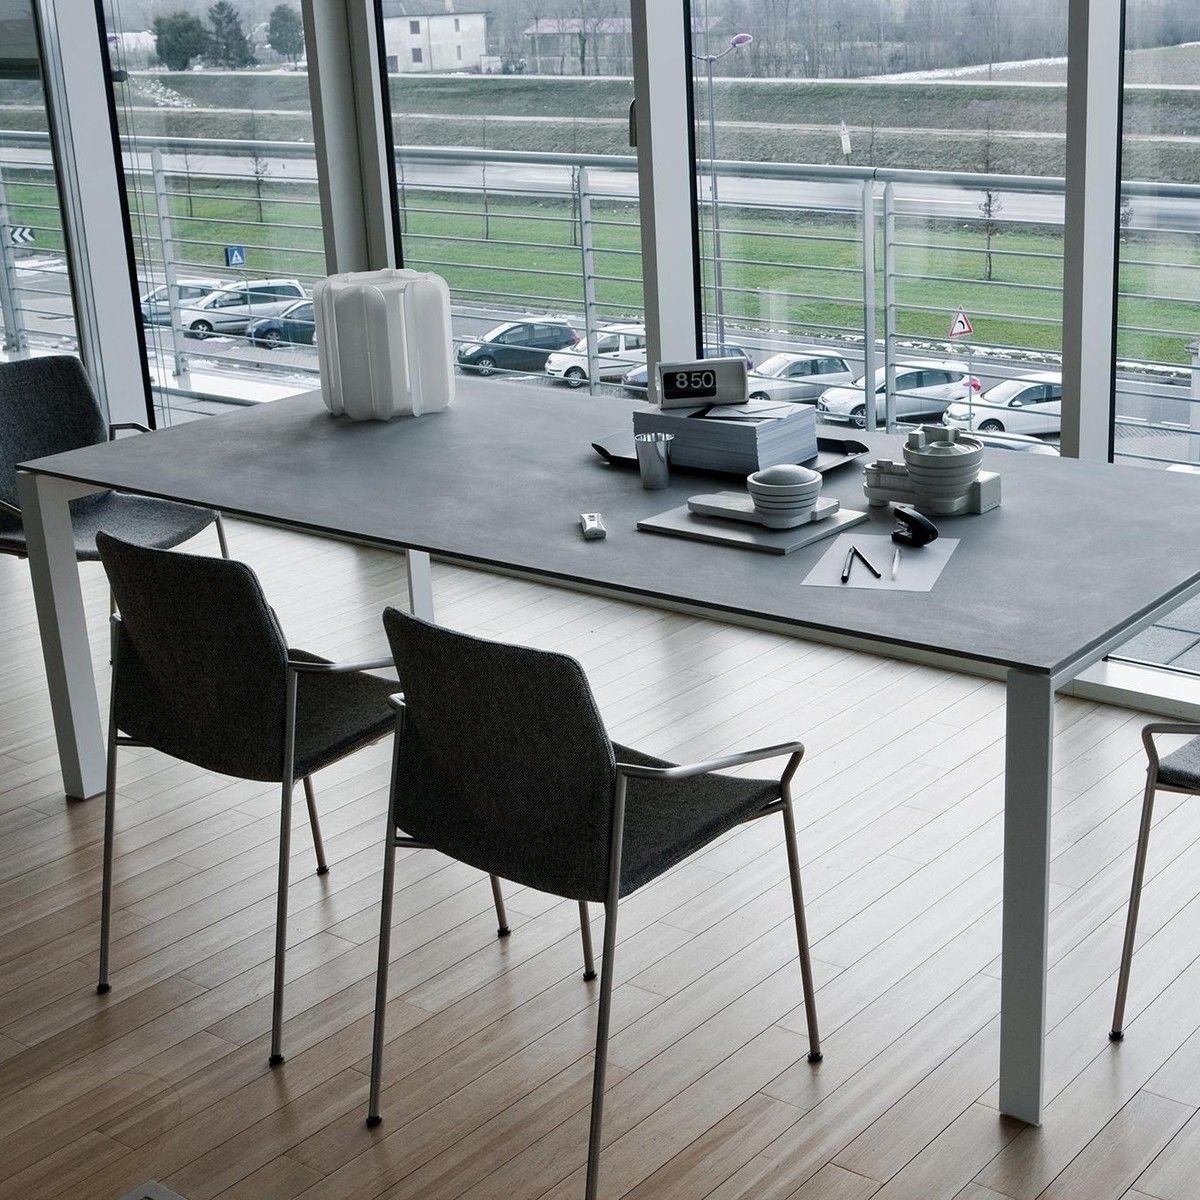 La Palma   Apta Concrete Table